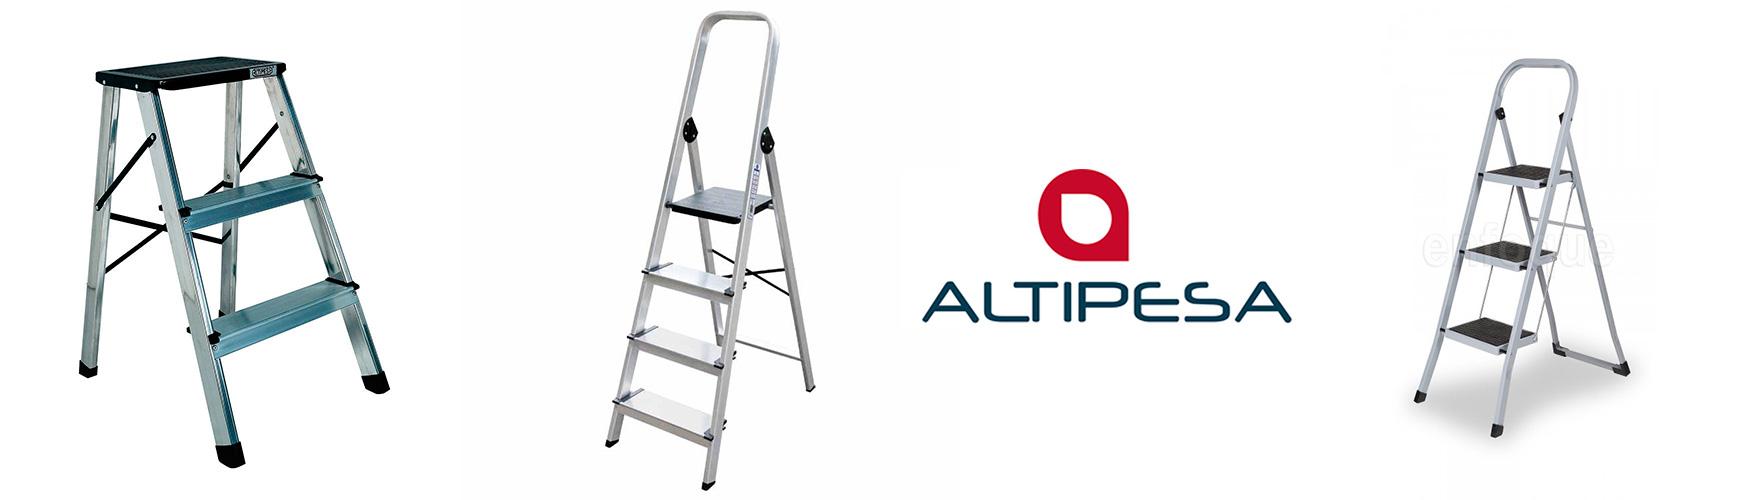 Catálogo Altipesa